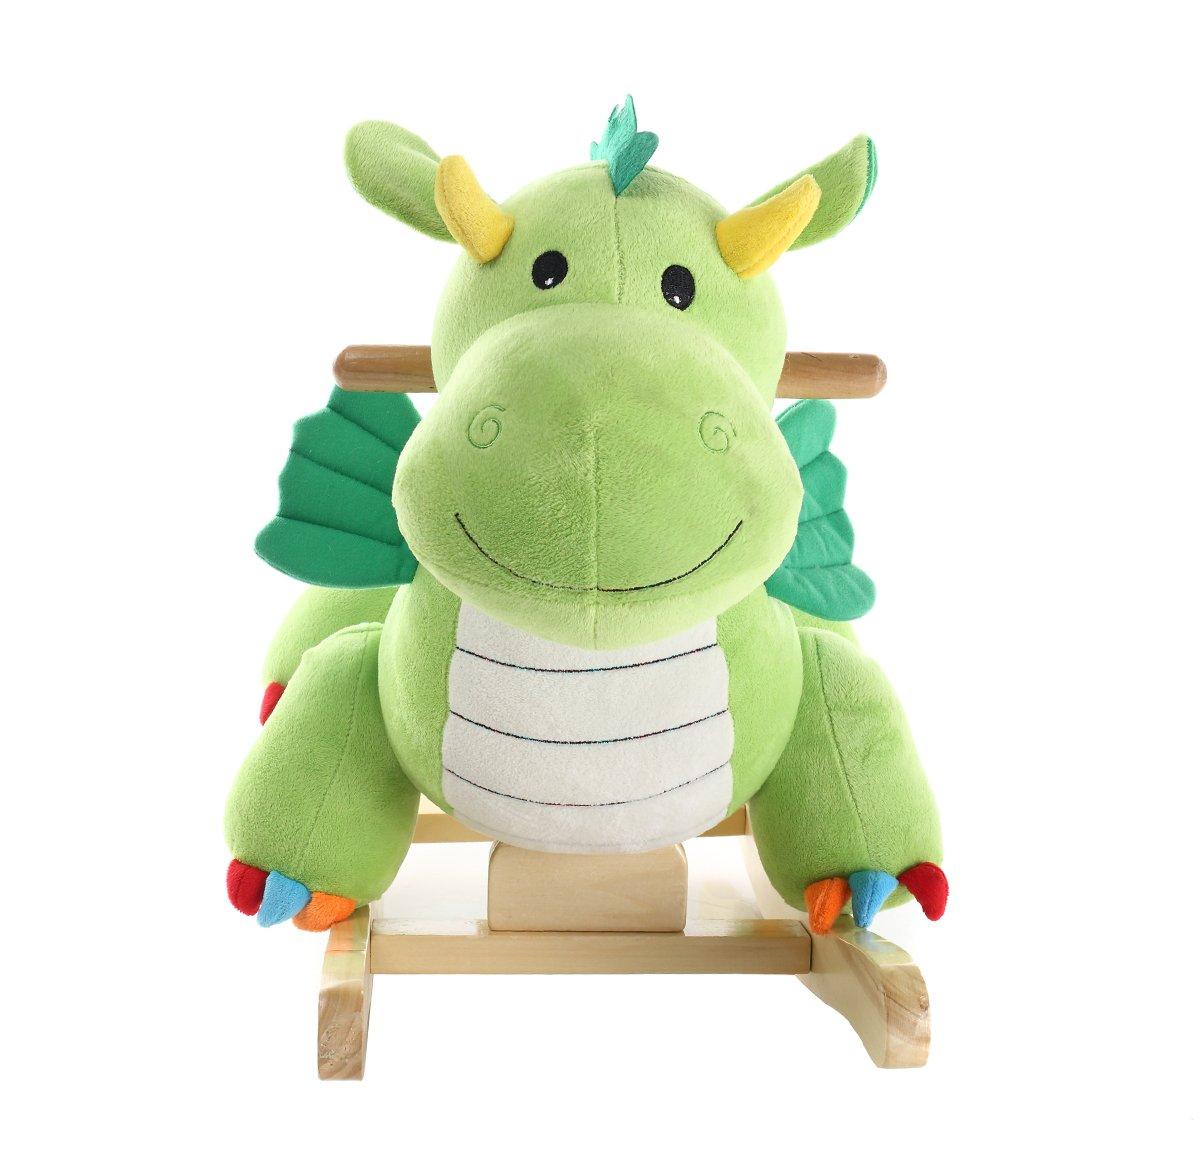 蓝色城堡小木马玩具带翅膀恐龙bc7-051绿色无音乐